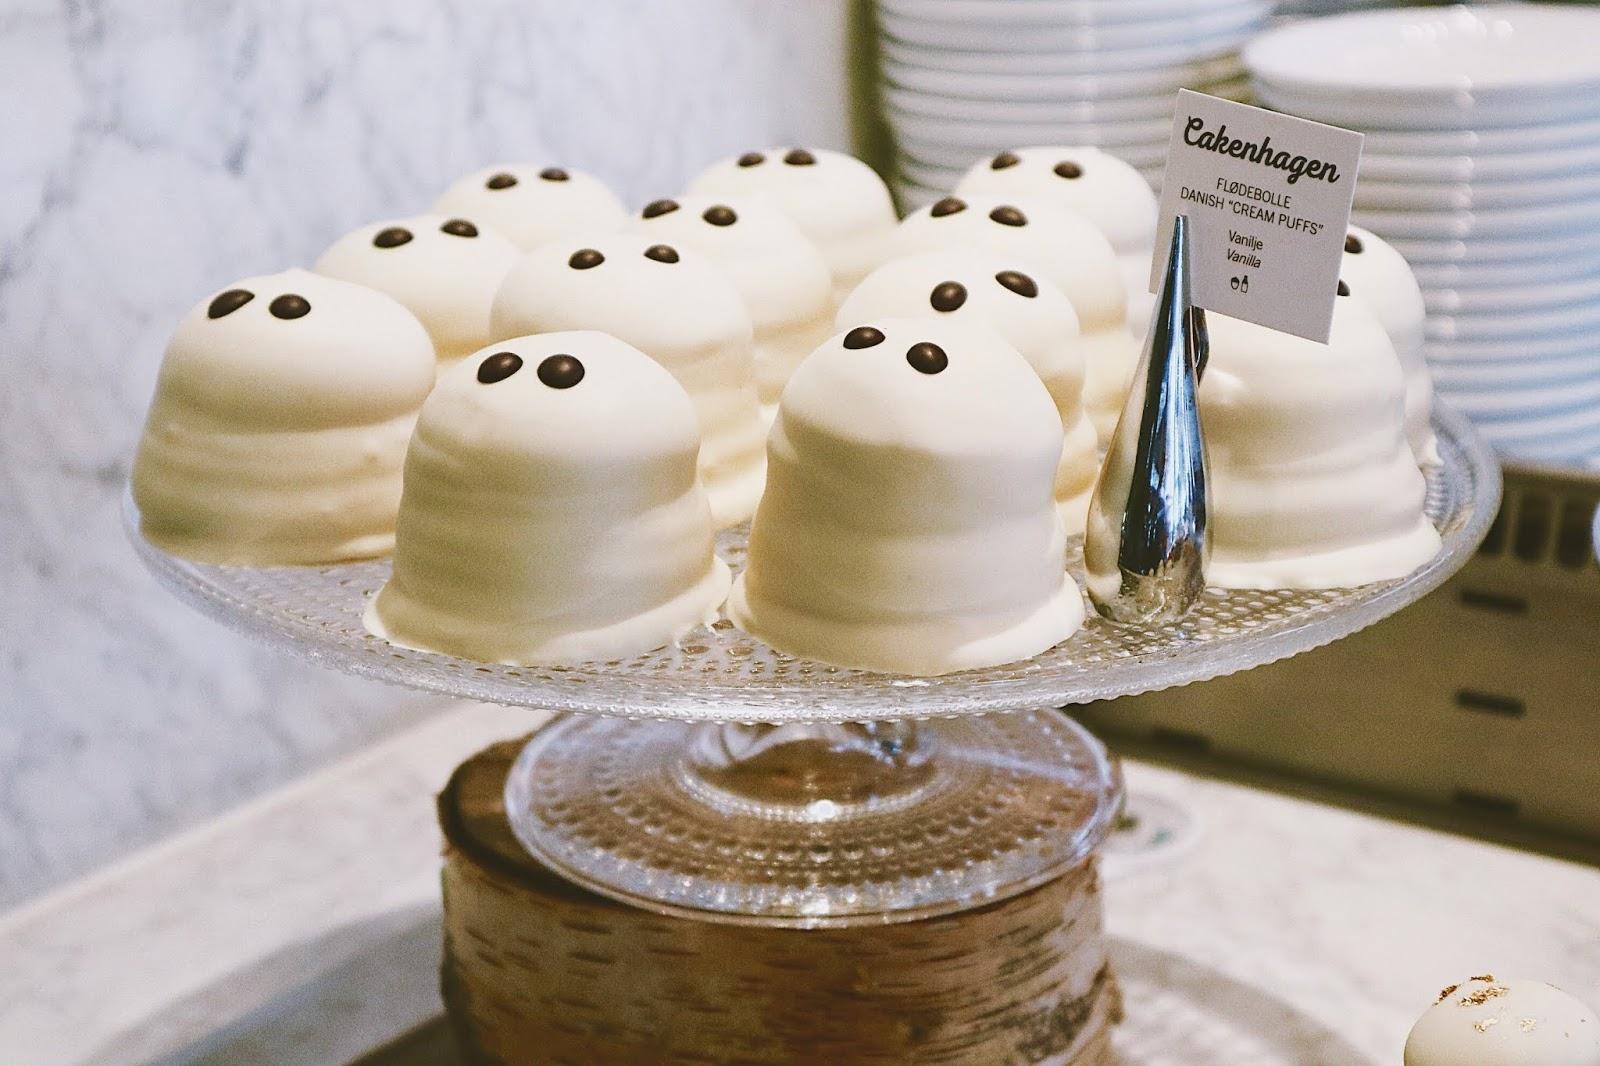 ghost cream puff cakes Copenhagen